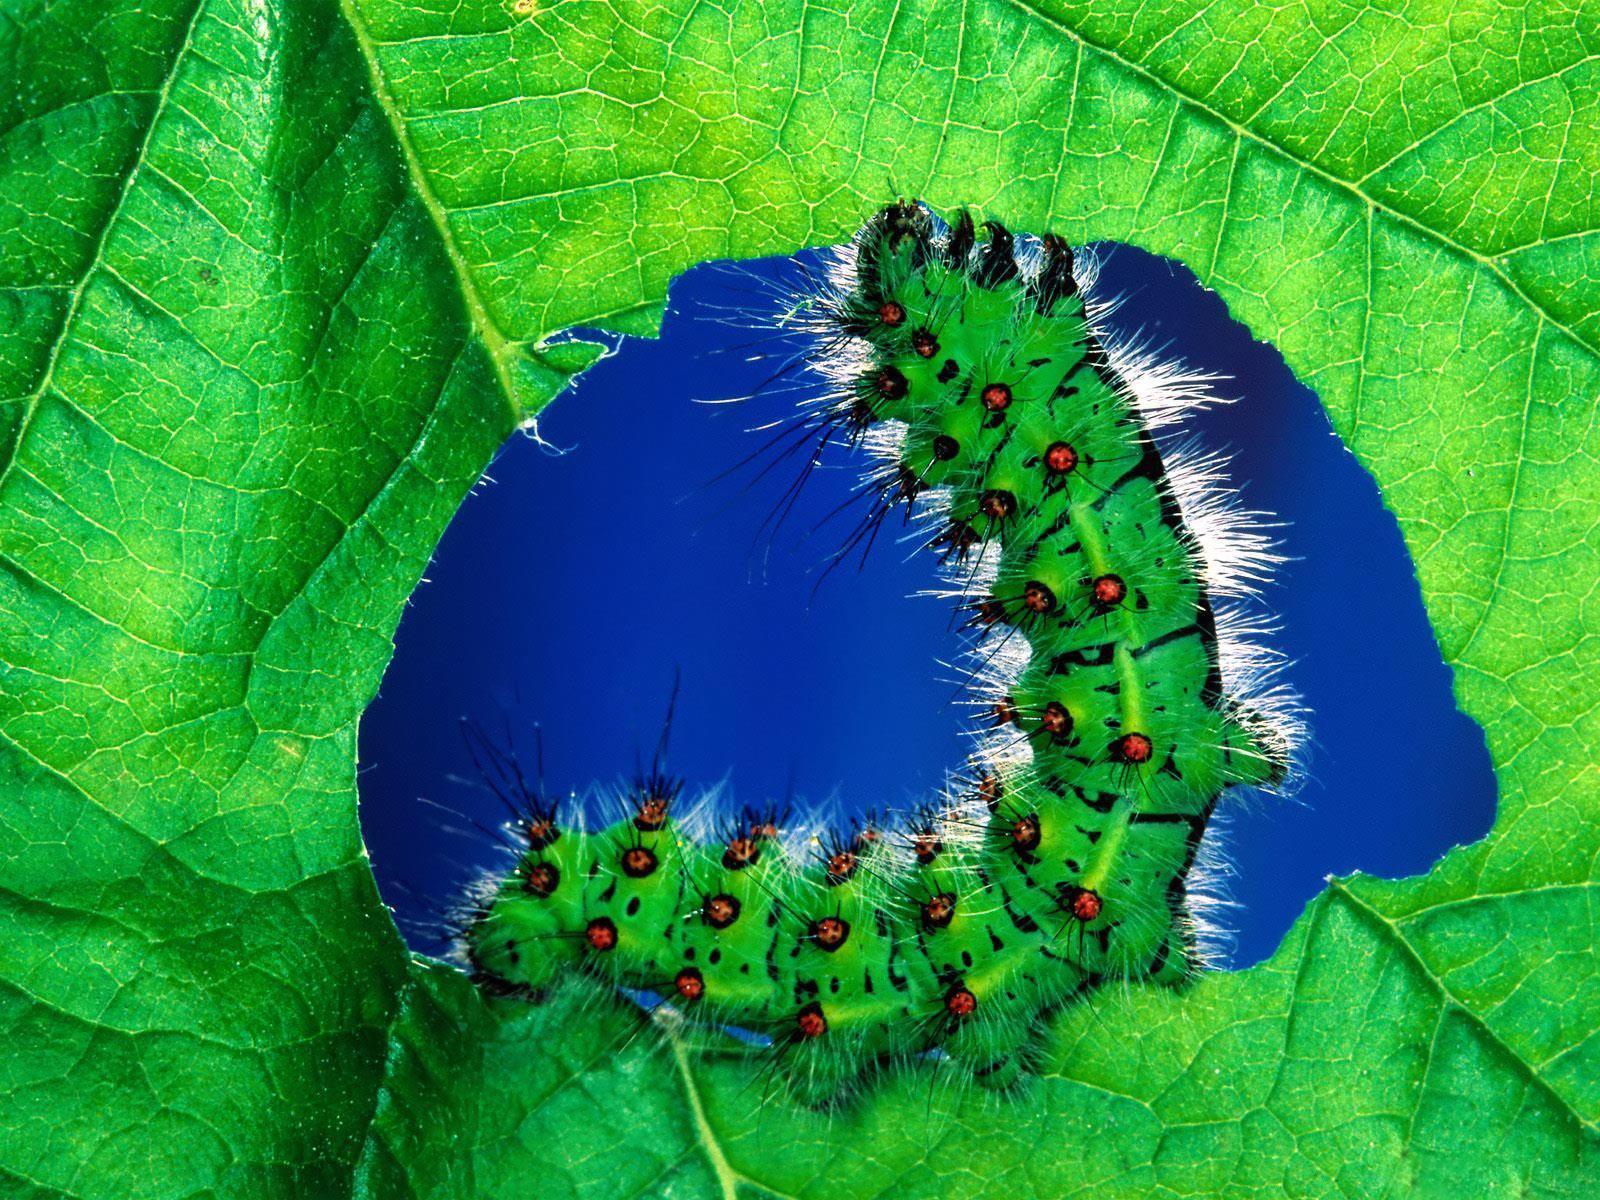 Caterpillar Desktop Wallpaper Desktop Wallpaper Gallery 1600x1200